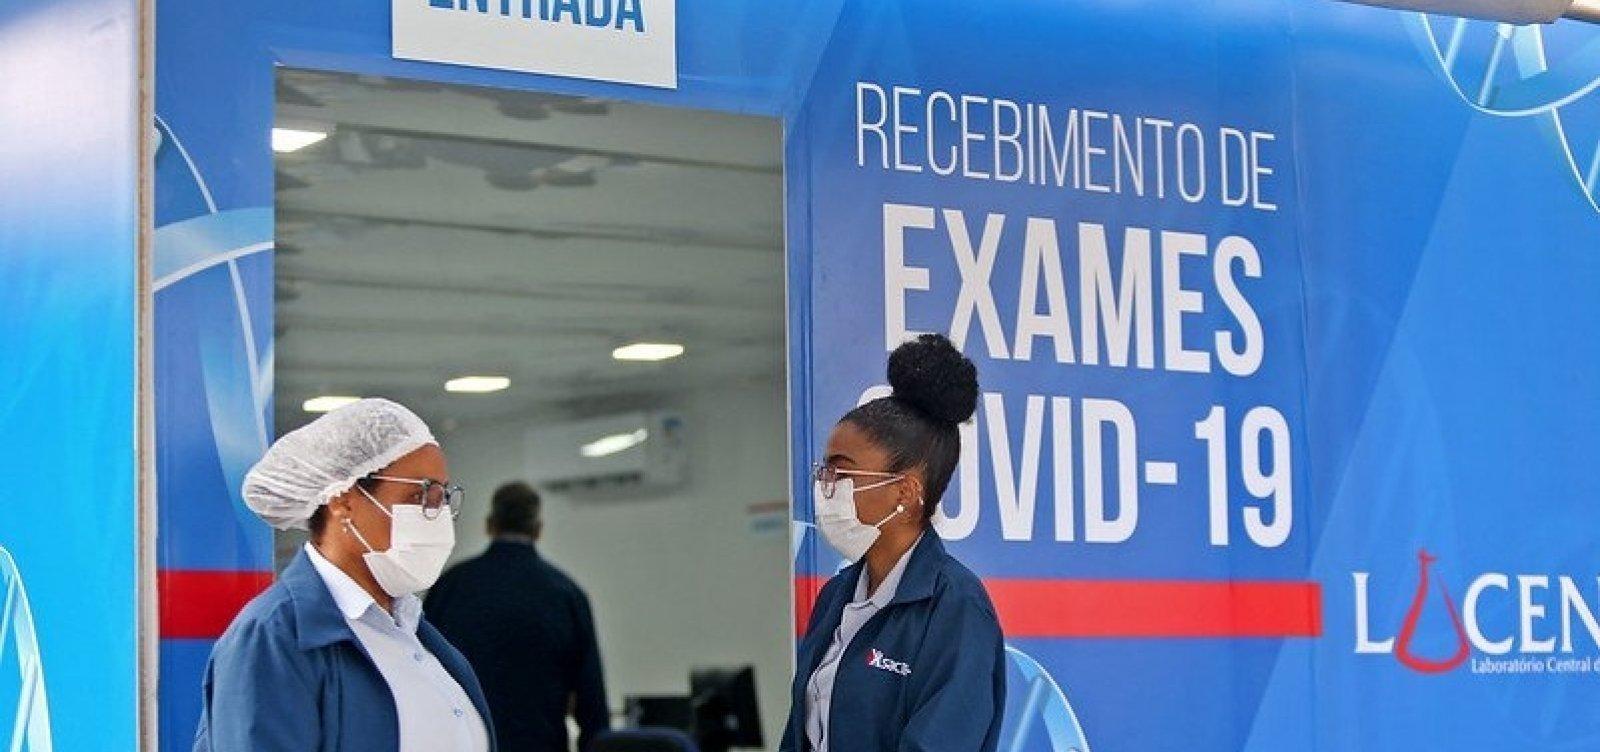 Covid-19: Salvador registra 324 casos e 24 mortes pela doença em 24h